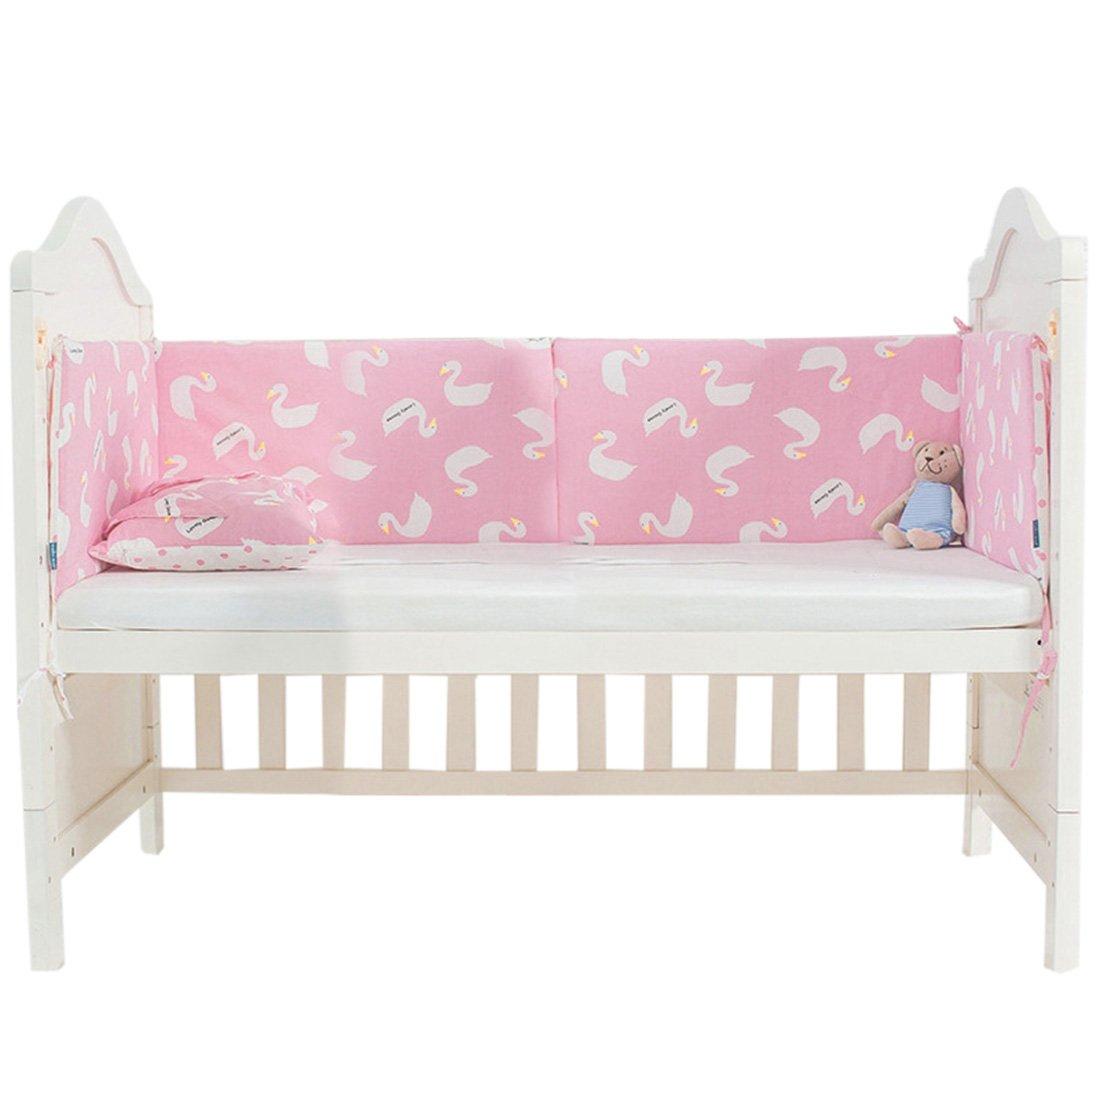 Enerhu ベッド バンパー パッド ベビーベッド ライナー ベビー 睡眠 安全 ガード クッション One Size QLUS22200820-1  #1 B07L74CY78